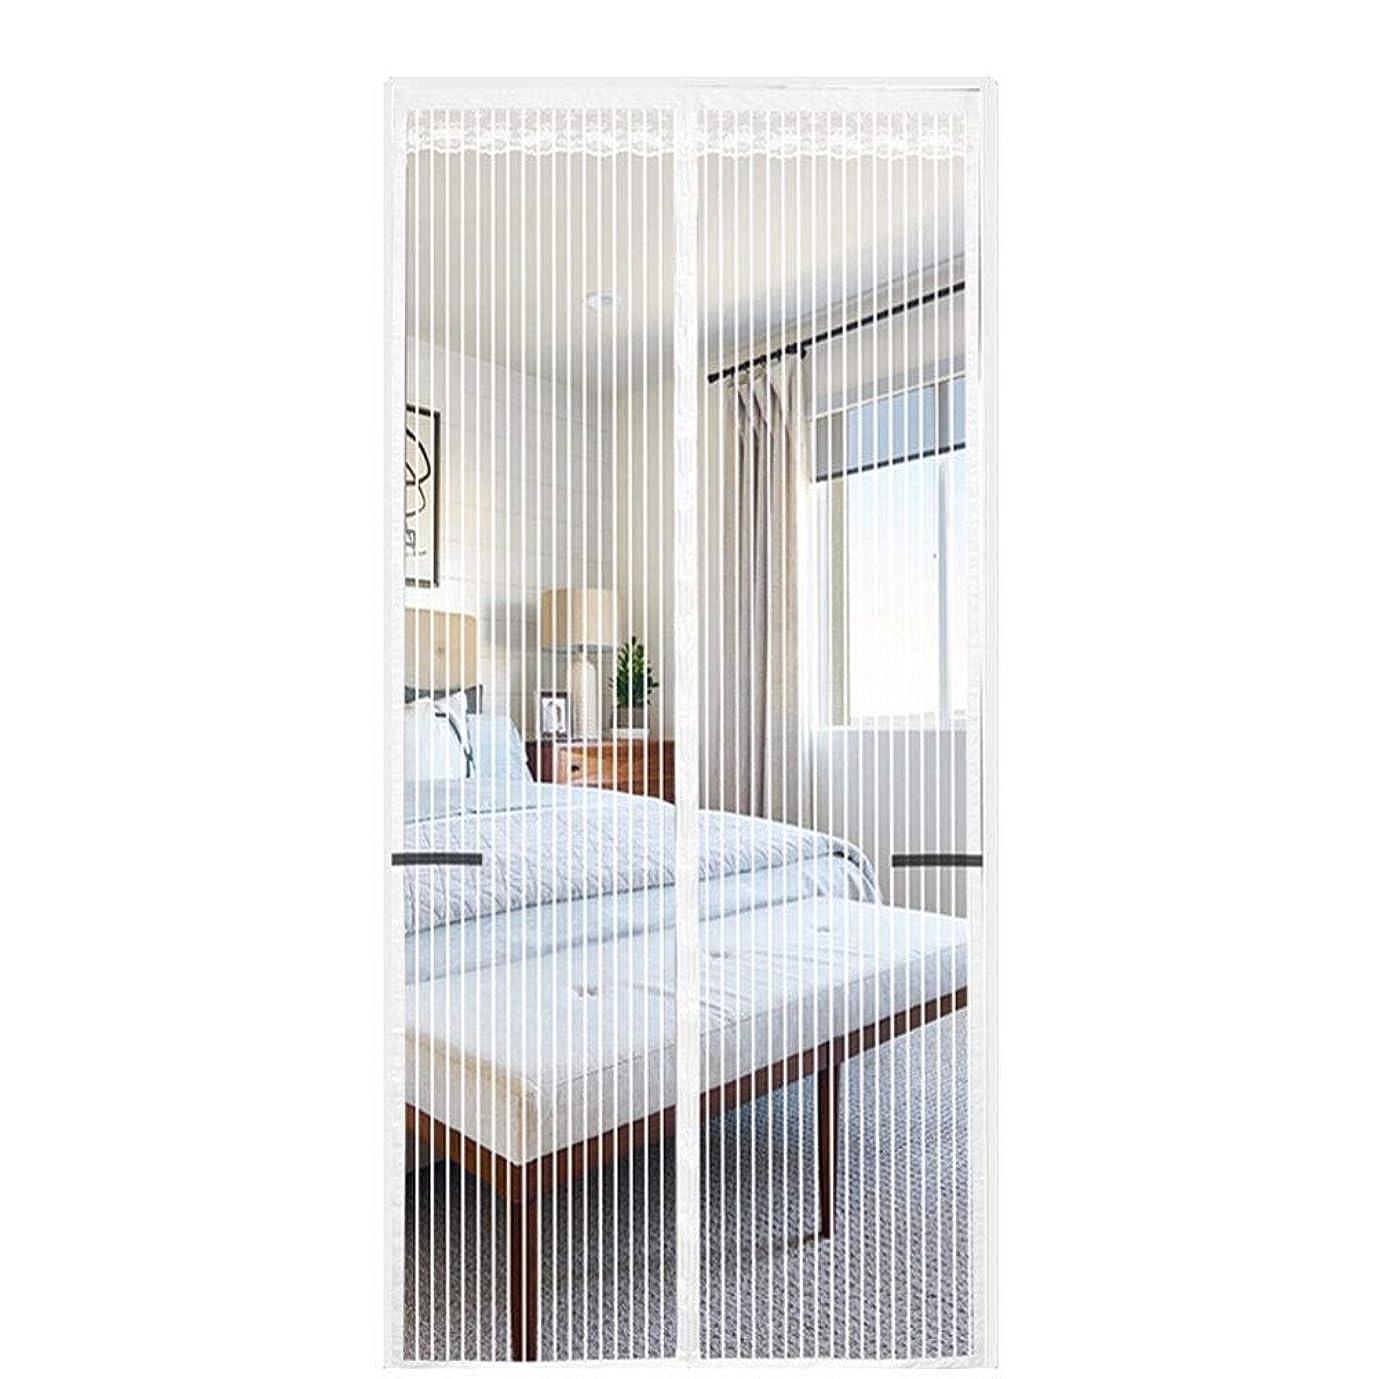 包括的クスコ文化磁気スクリーンドアカーテン 磁気防虫スクリーンドア強化ガラス繊維蚊帳スクリーンマジックメッシュカーテンフルフレームシール簡単なインストールギャップなし JFIEHG (色 : D, サイズ : 90X215)